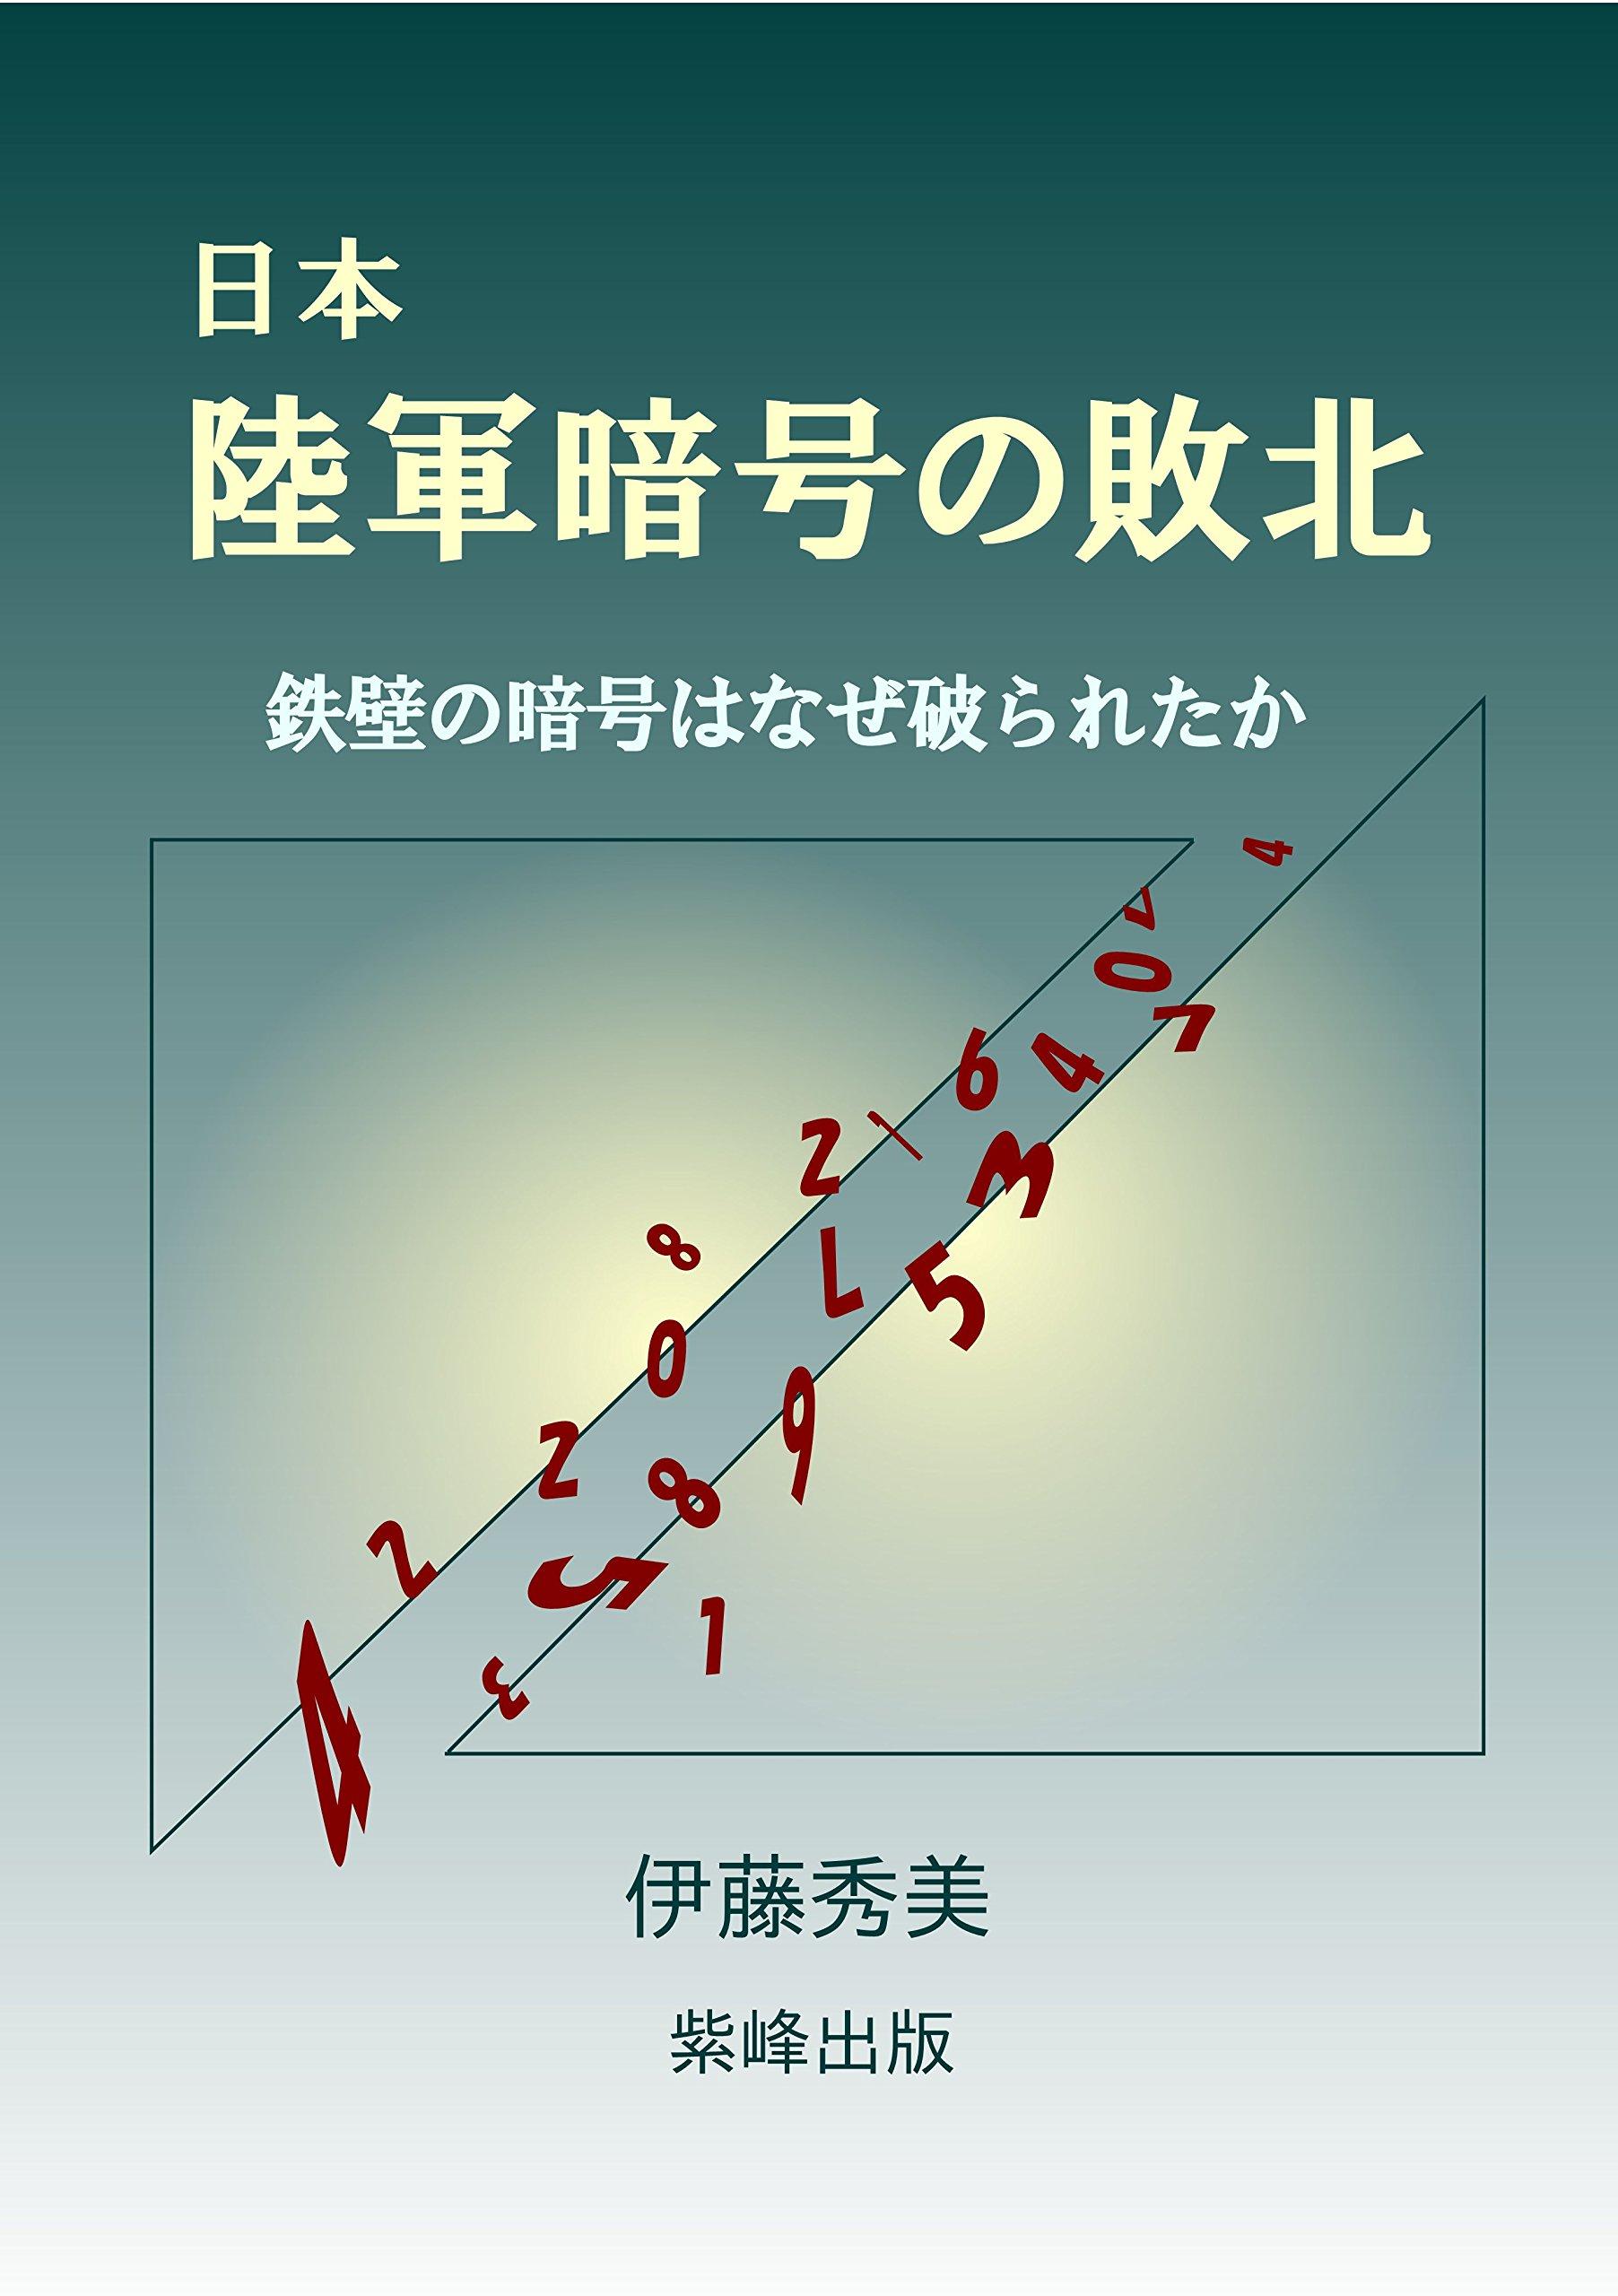 日本陸軍暗号の敗北-鉄壁の暗号...